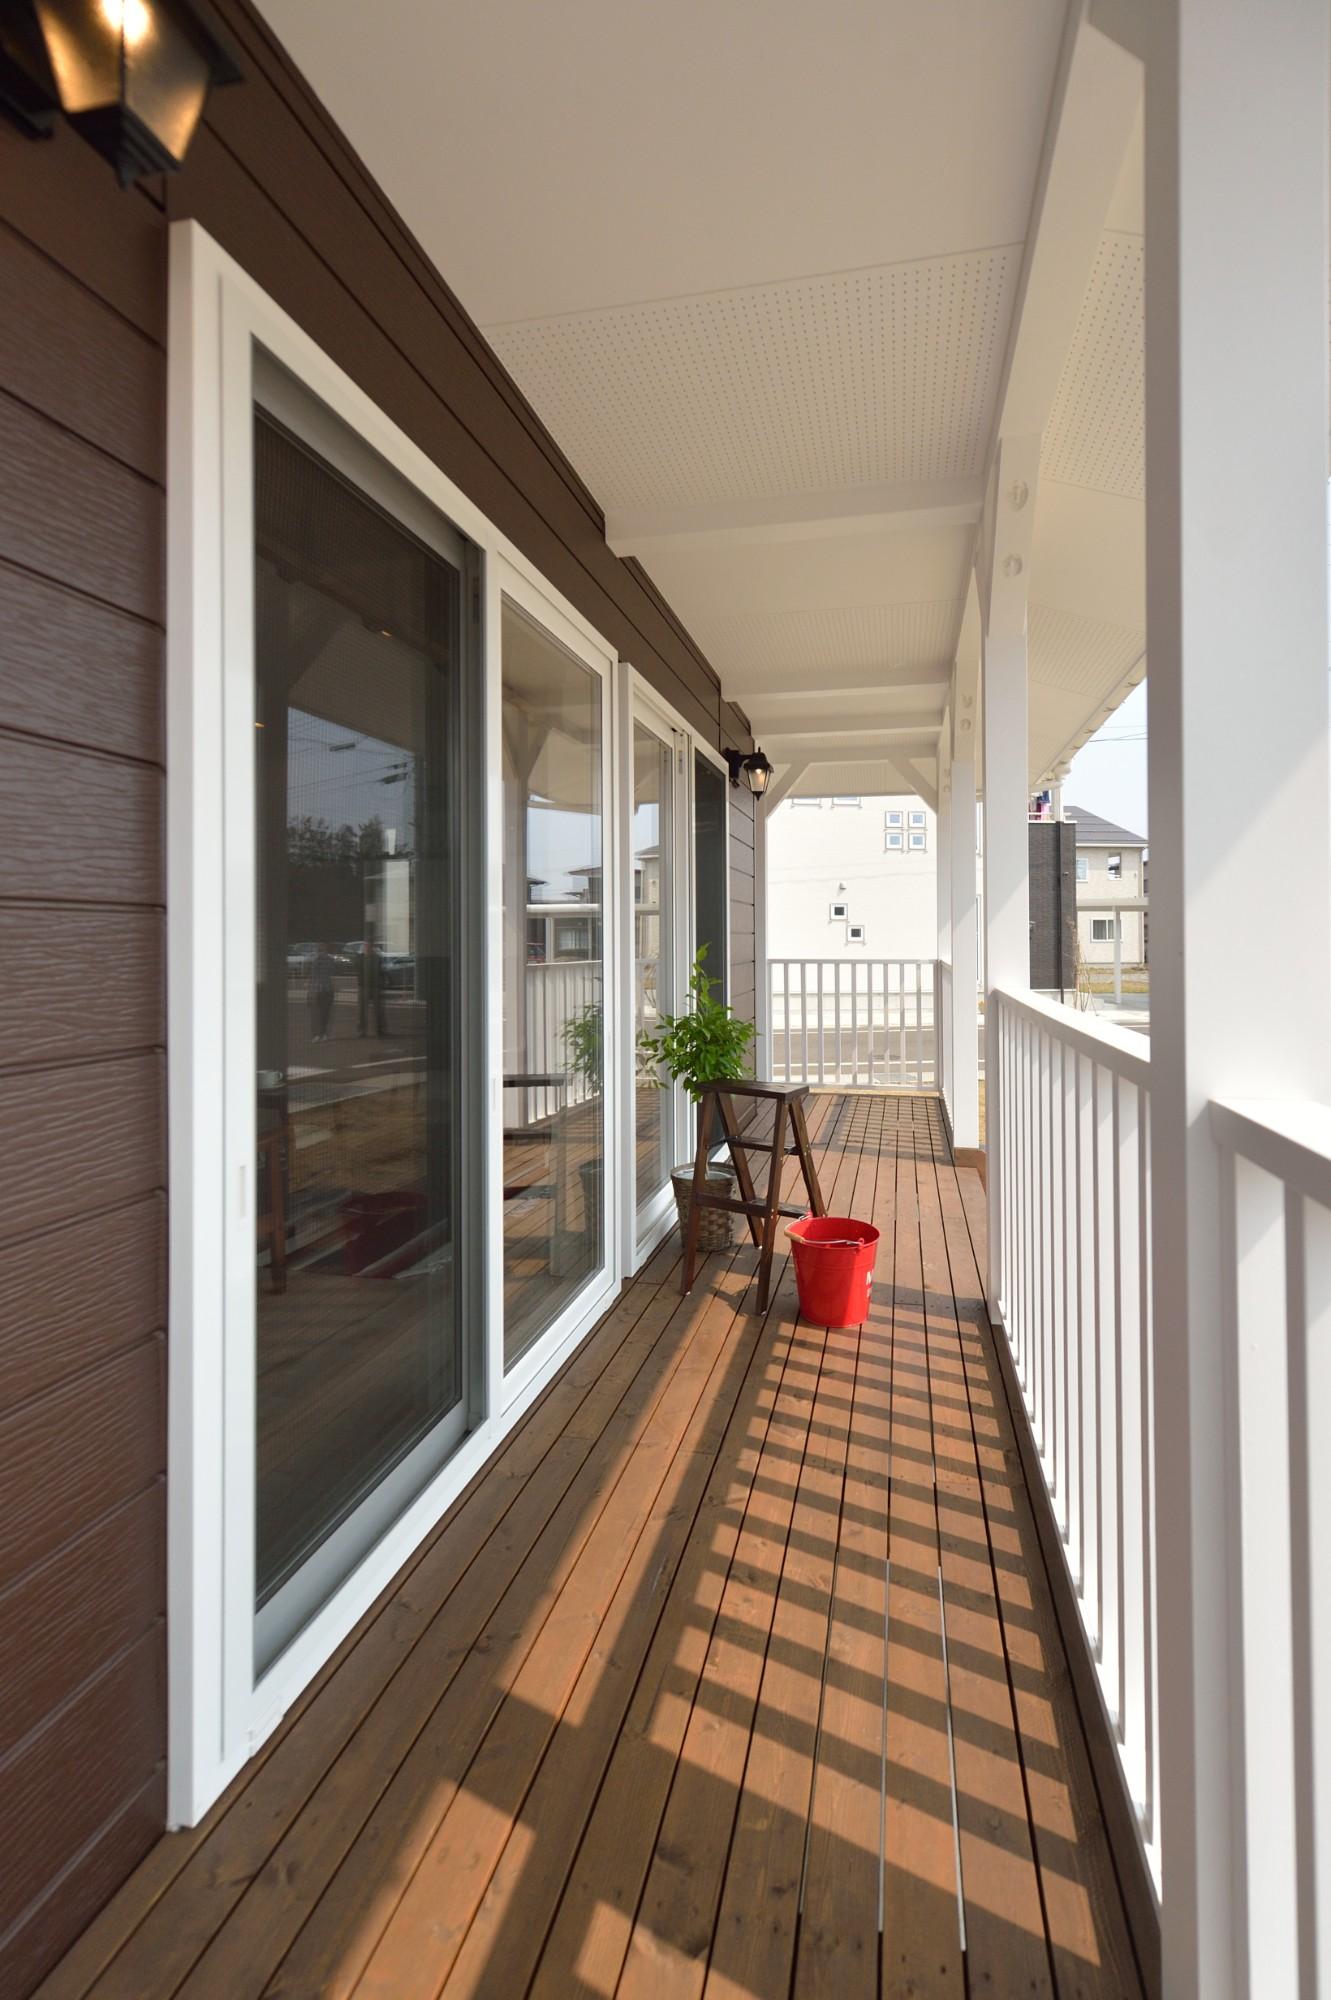 家'Sハセガワ株式会社「サニースタイルハウス」の西海岸風な庭・デッキ・縁側の実例写真